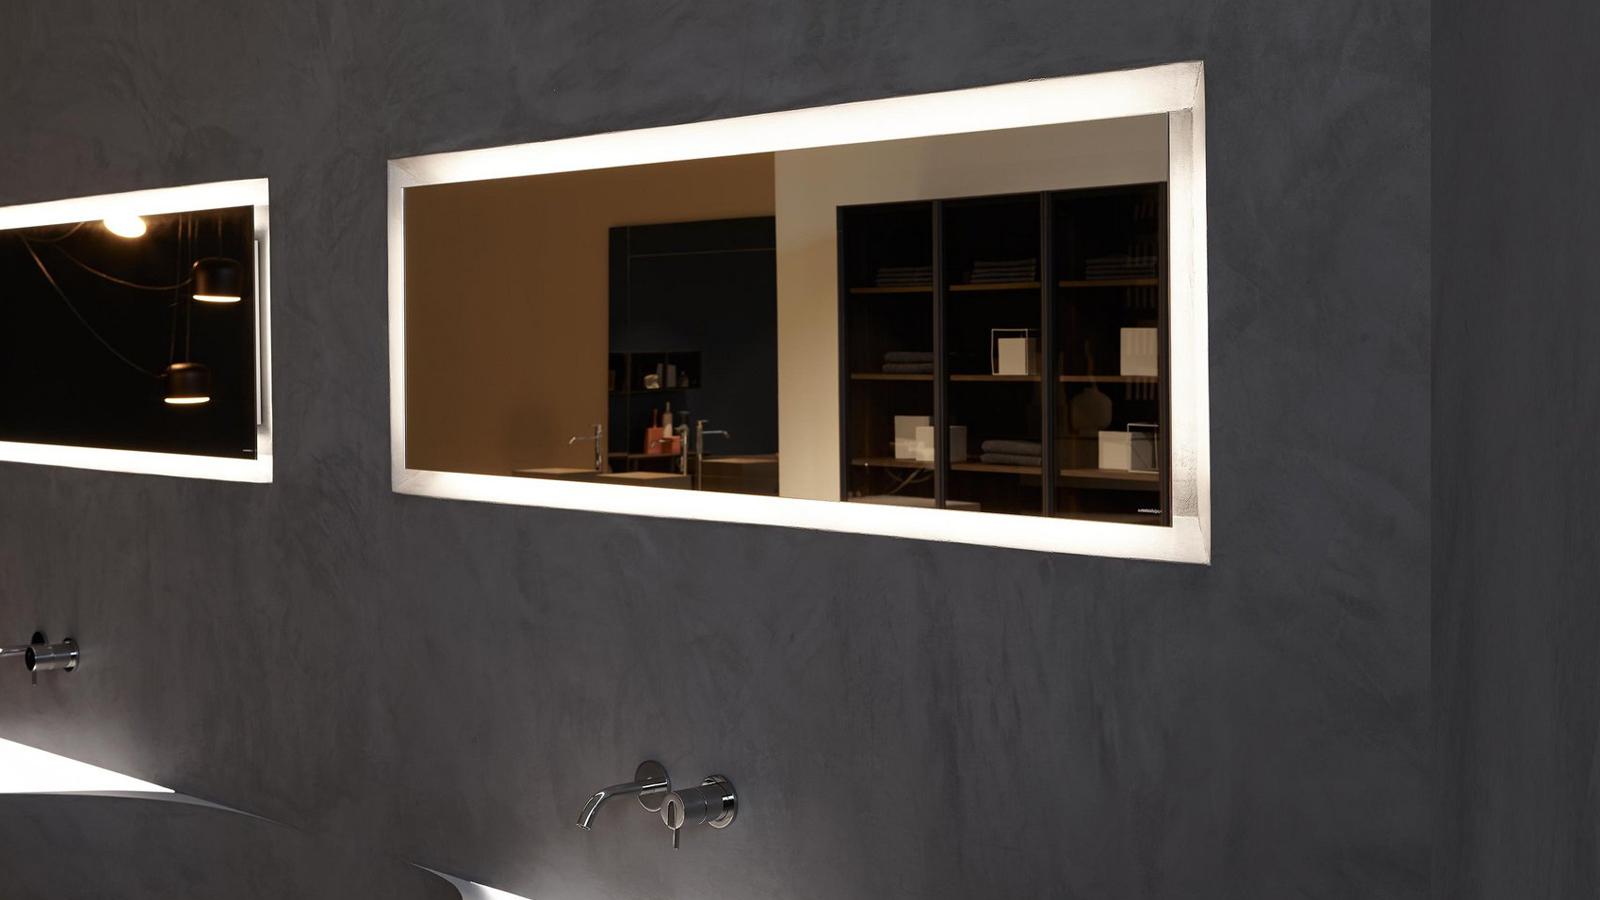 Világító képkeret, vagy falba süllyesztett tükör?... a Periplo mindkettő: egyszerű, négyszögletes tükördarab, körbefutó LED-világítással, melyet a mögötte elhelyezkedő mélyedés hangsúlyoz még tovább. A fény és a mélységek játékából létrejött, különleges darab függőlegesen és vízszintesen is felhelyezhető.